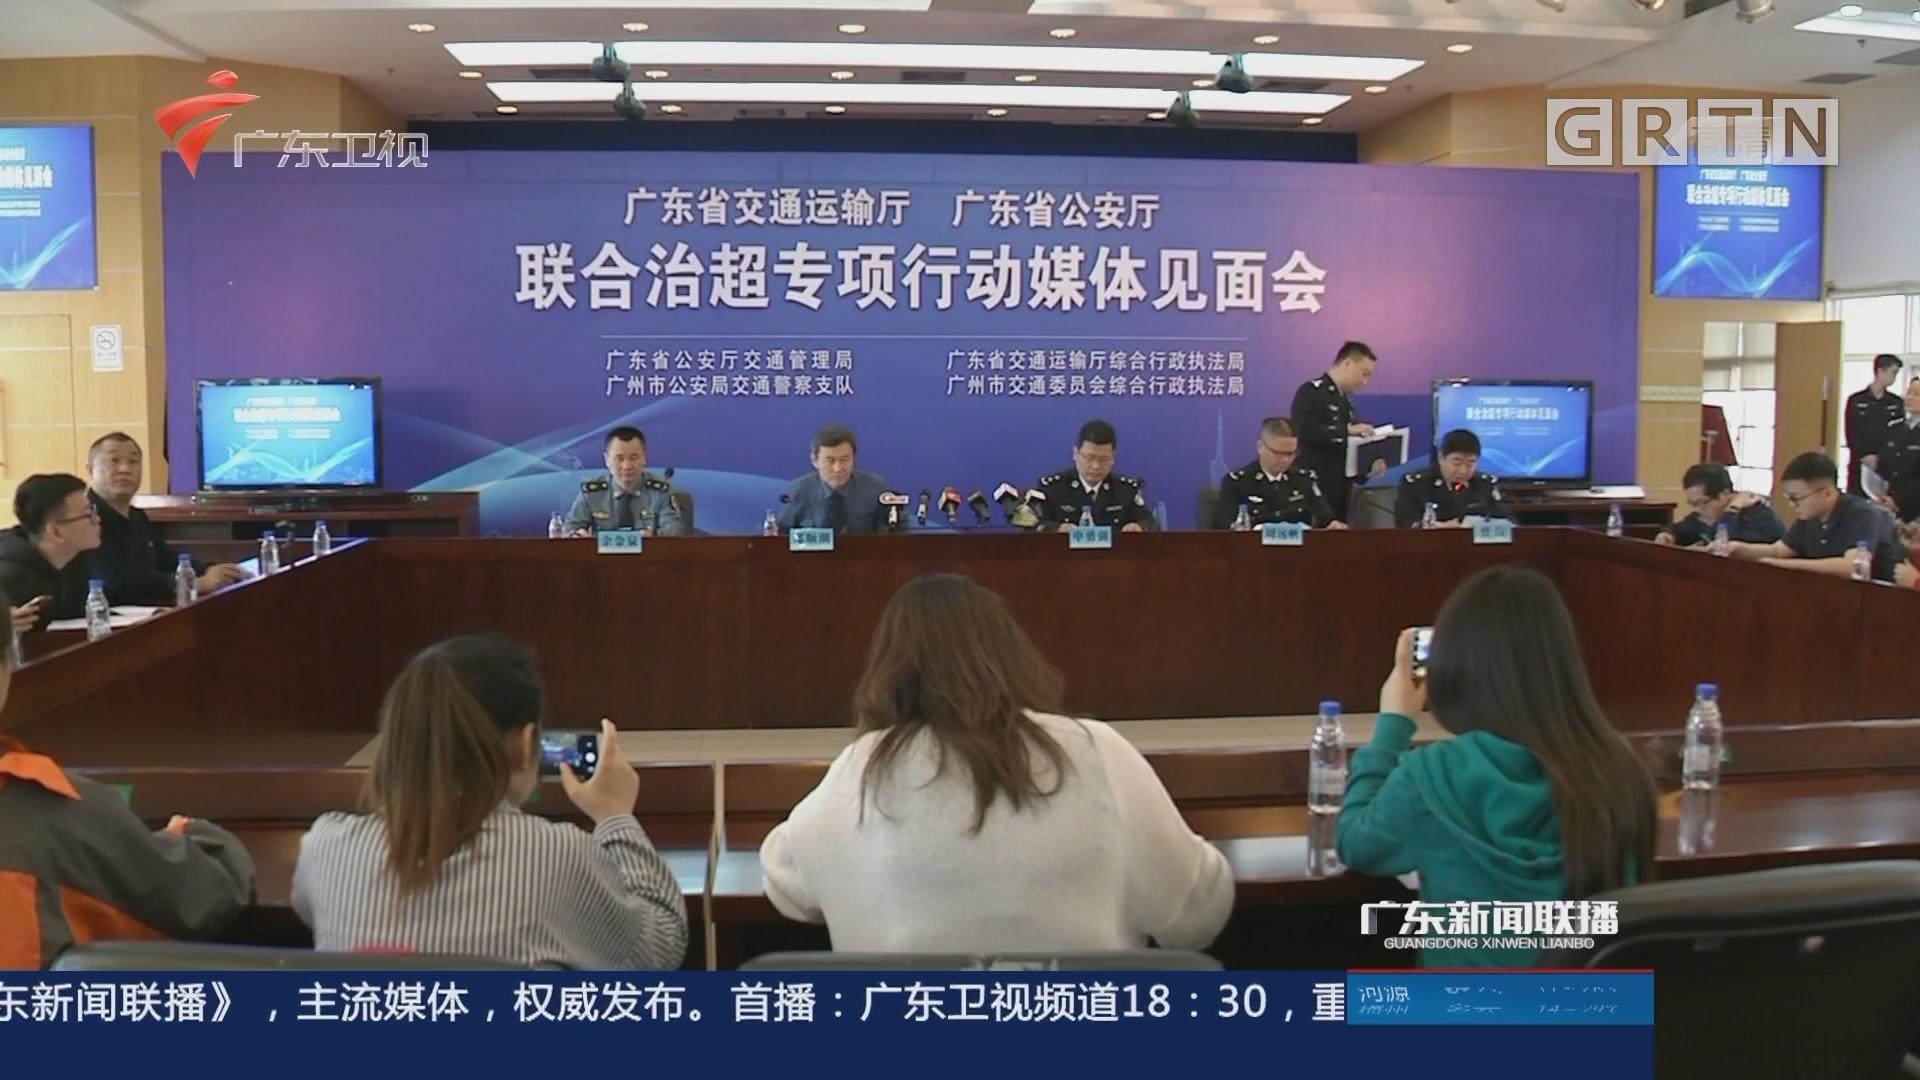 广东:今天起开展全省联合治超专项行动